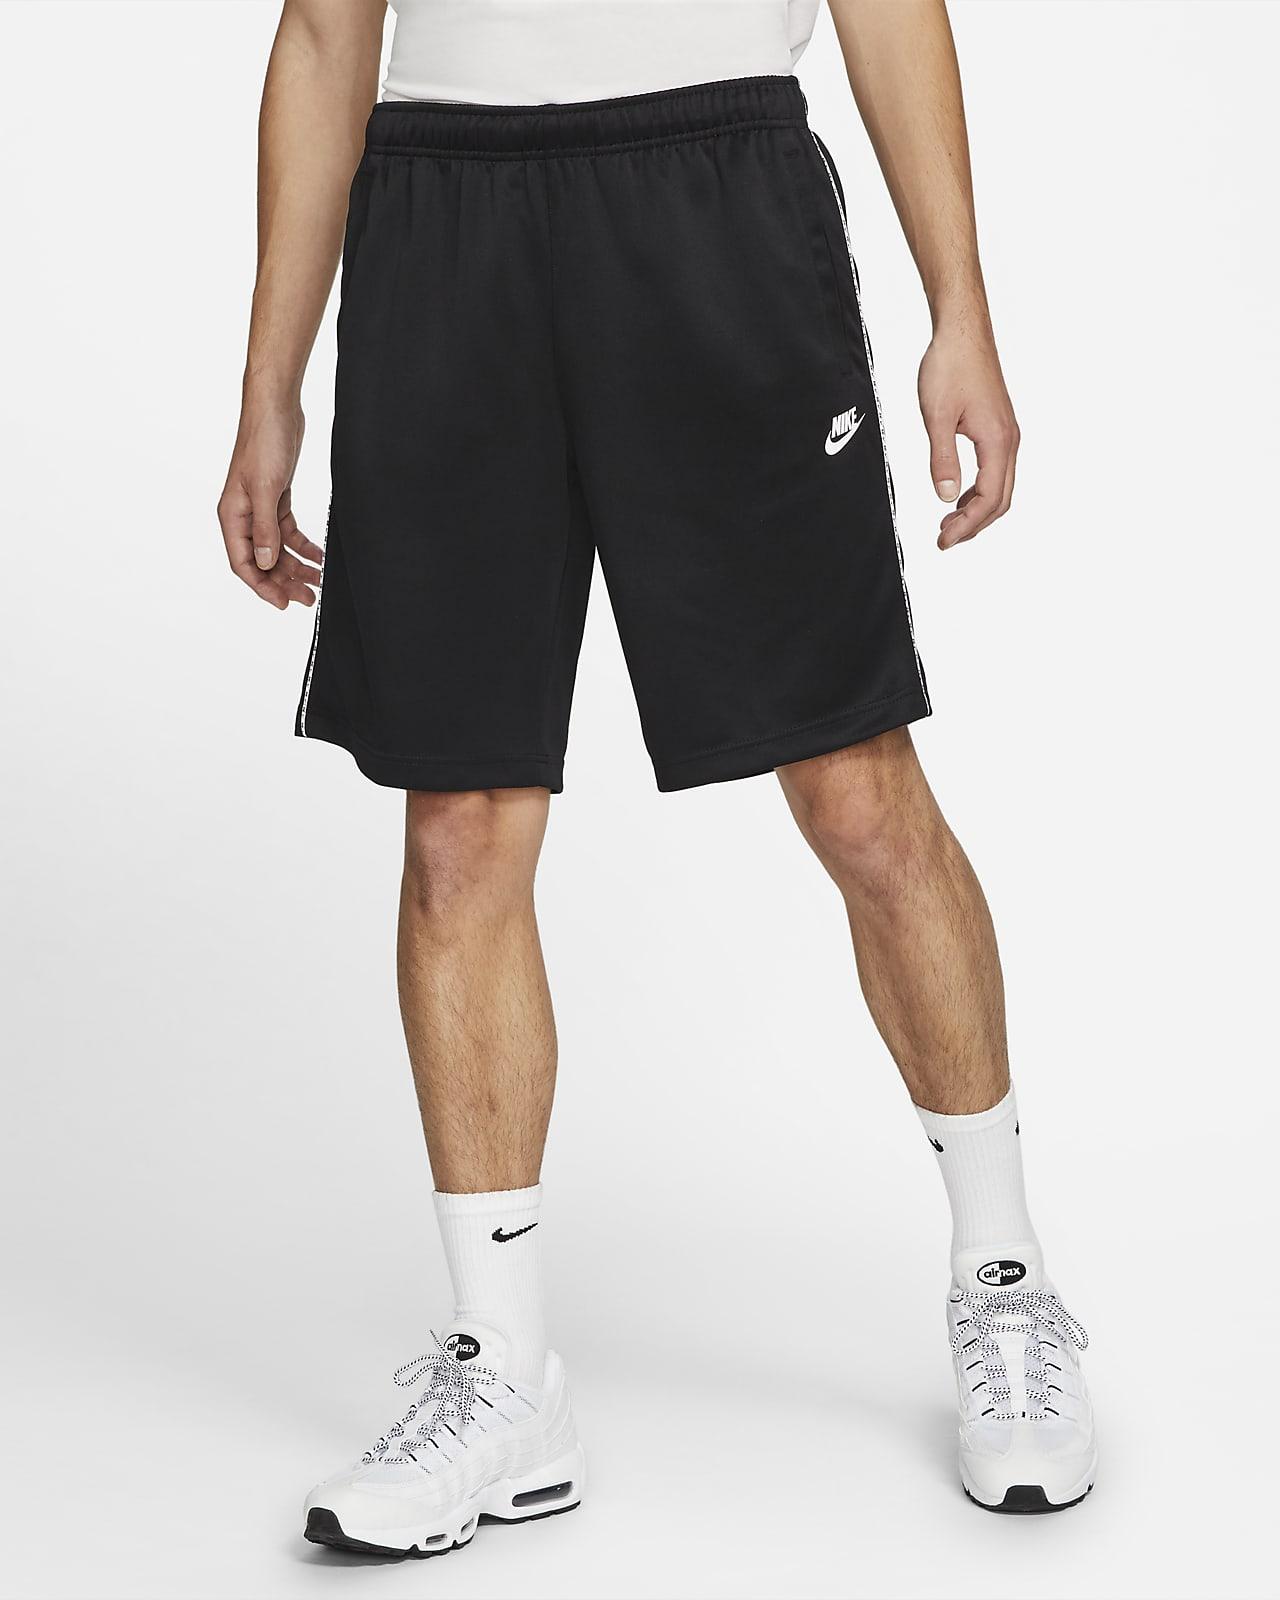 Nike Sportswear Men's Polyknit Shorts